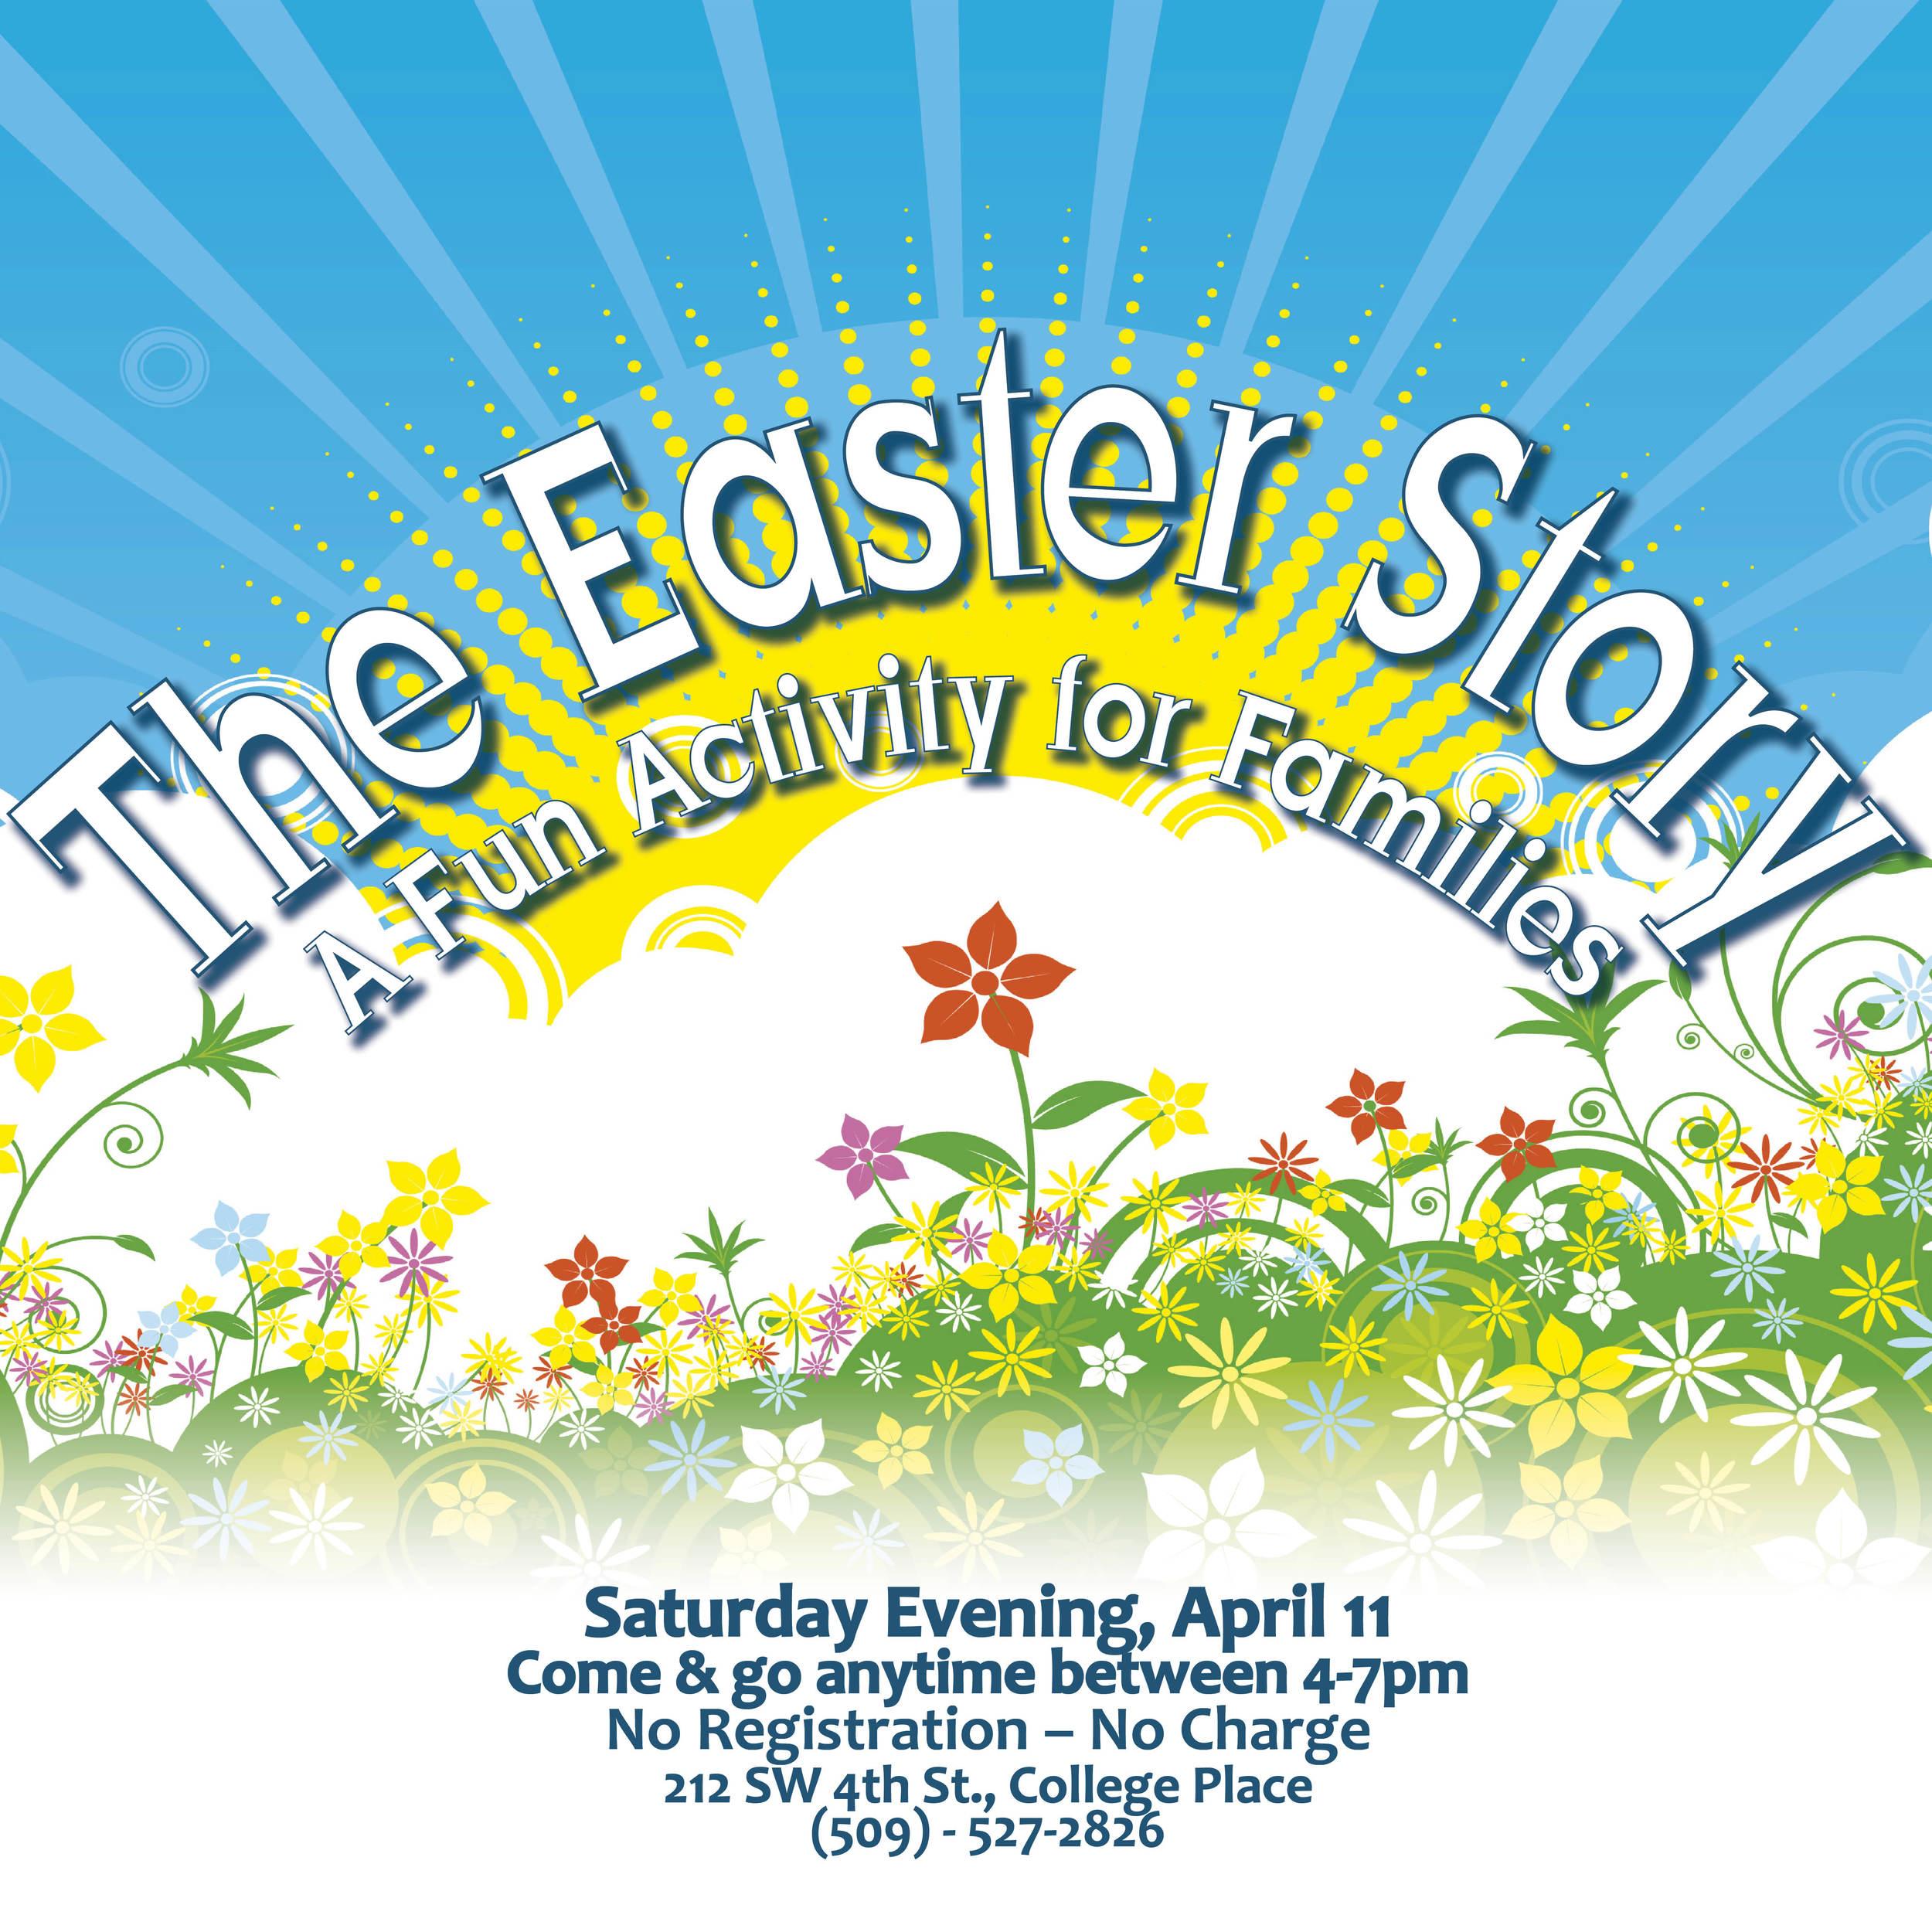 Easter Draft EDITED (square2).jpg